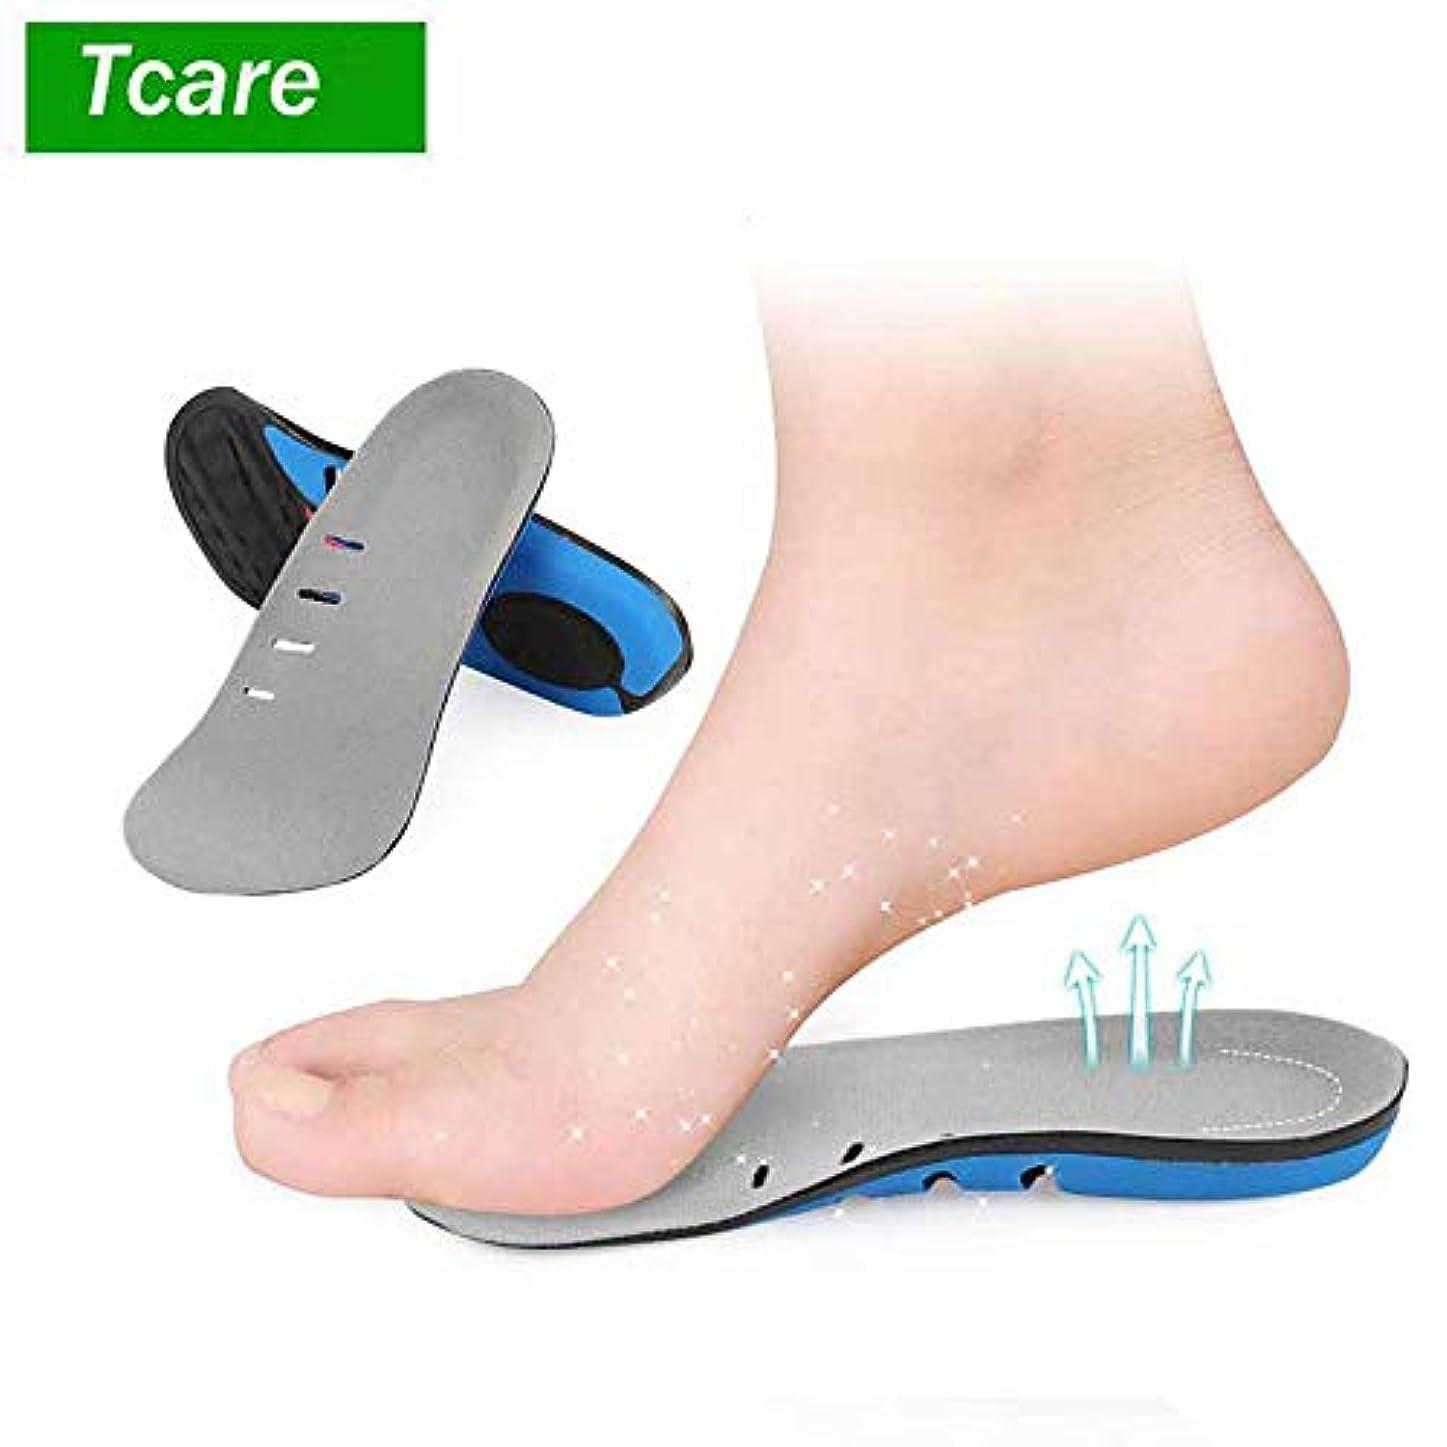 社会科目的添加靴のマッサージシューズのインソールは、男性用/女性用の足底筋膜炎用インソール